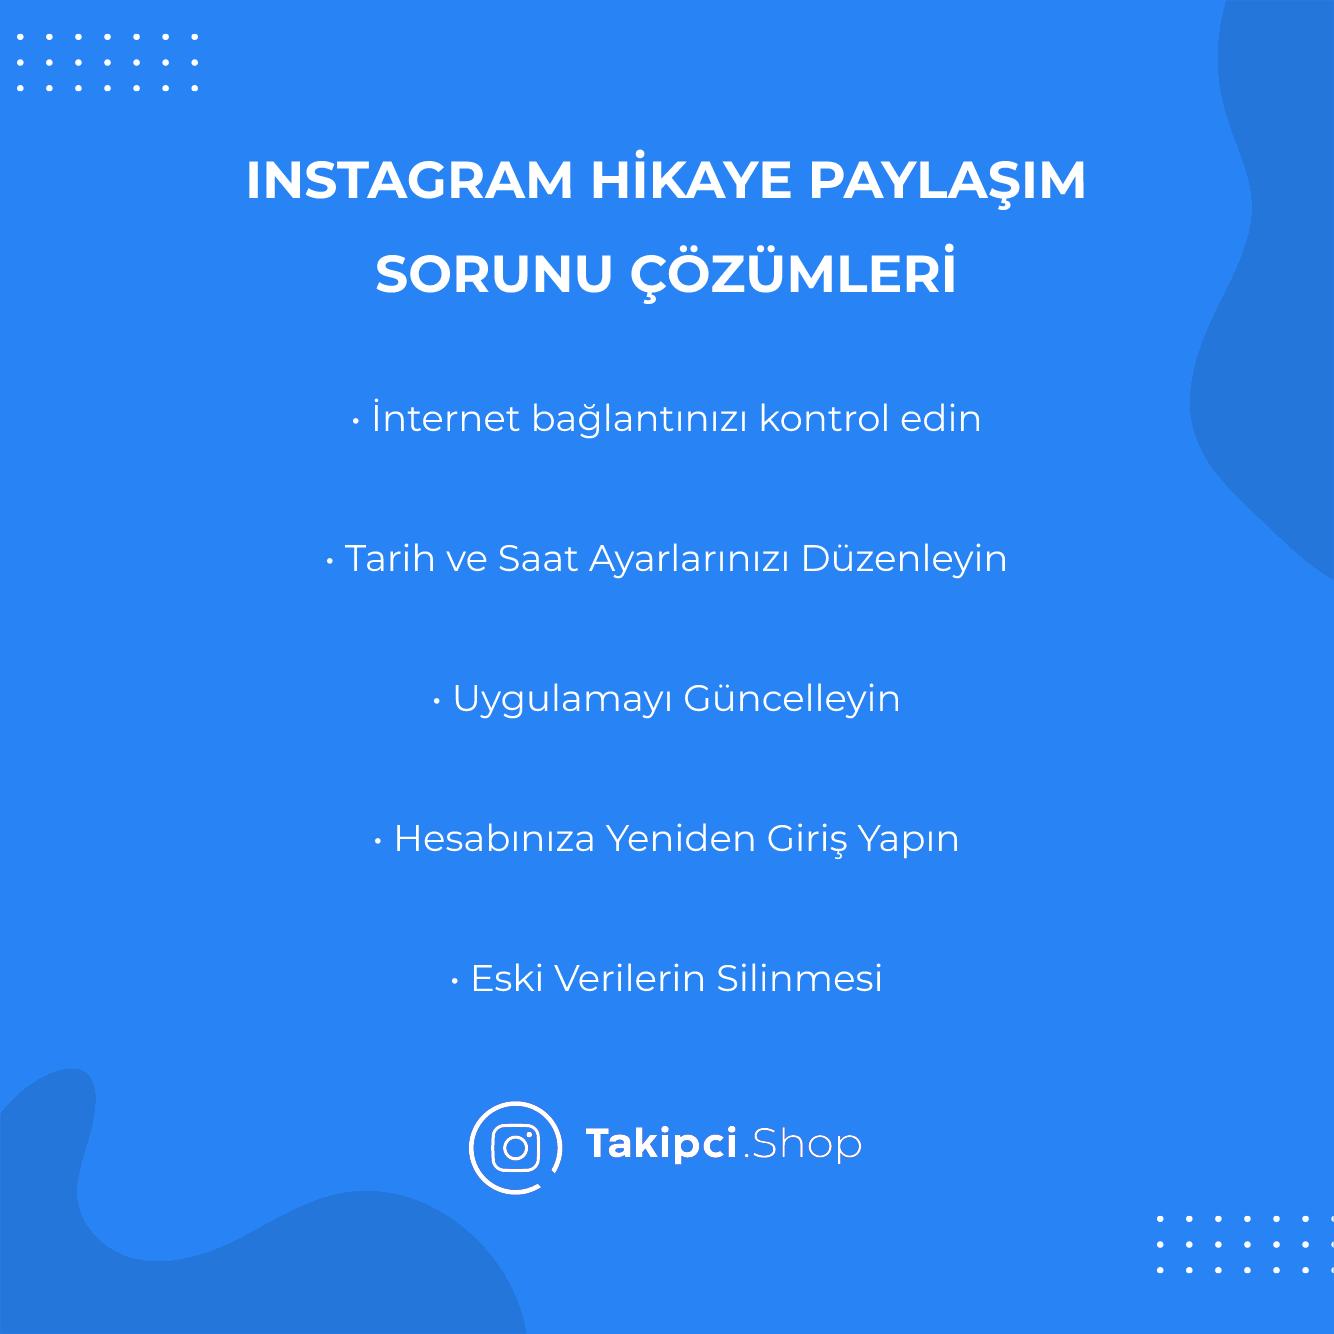 Instagram hikaye paylaşım sorunu çözümleri